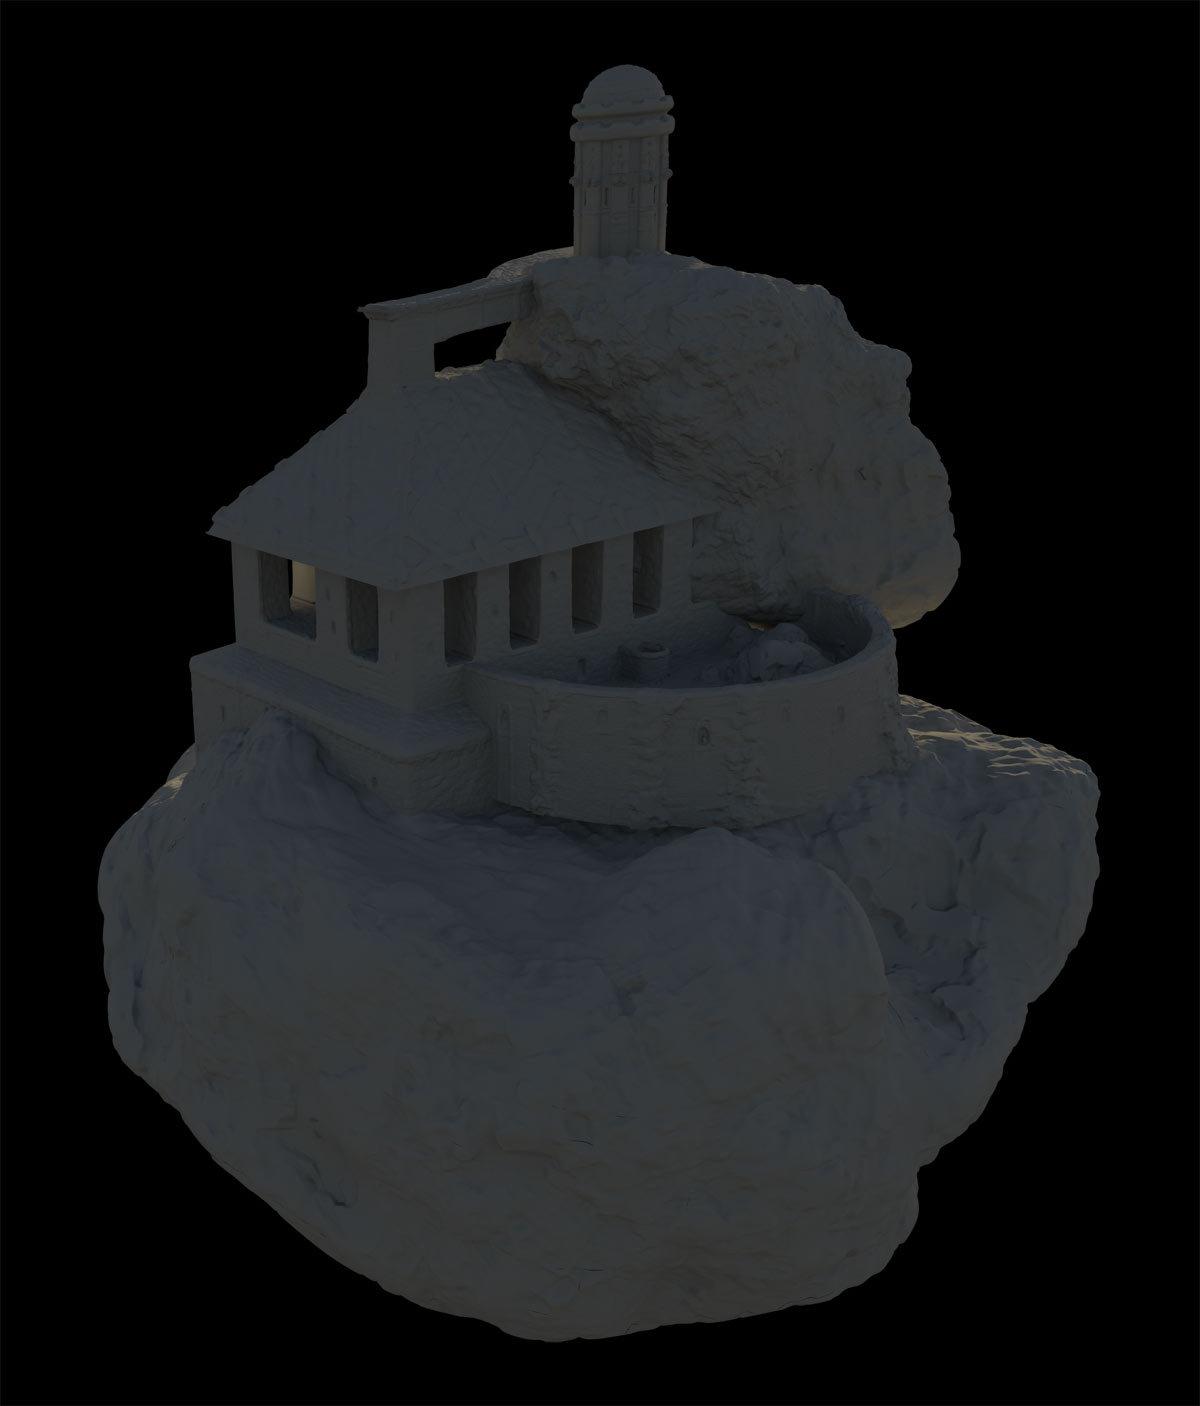 Sergey musin castle final white